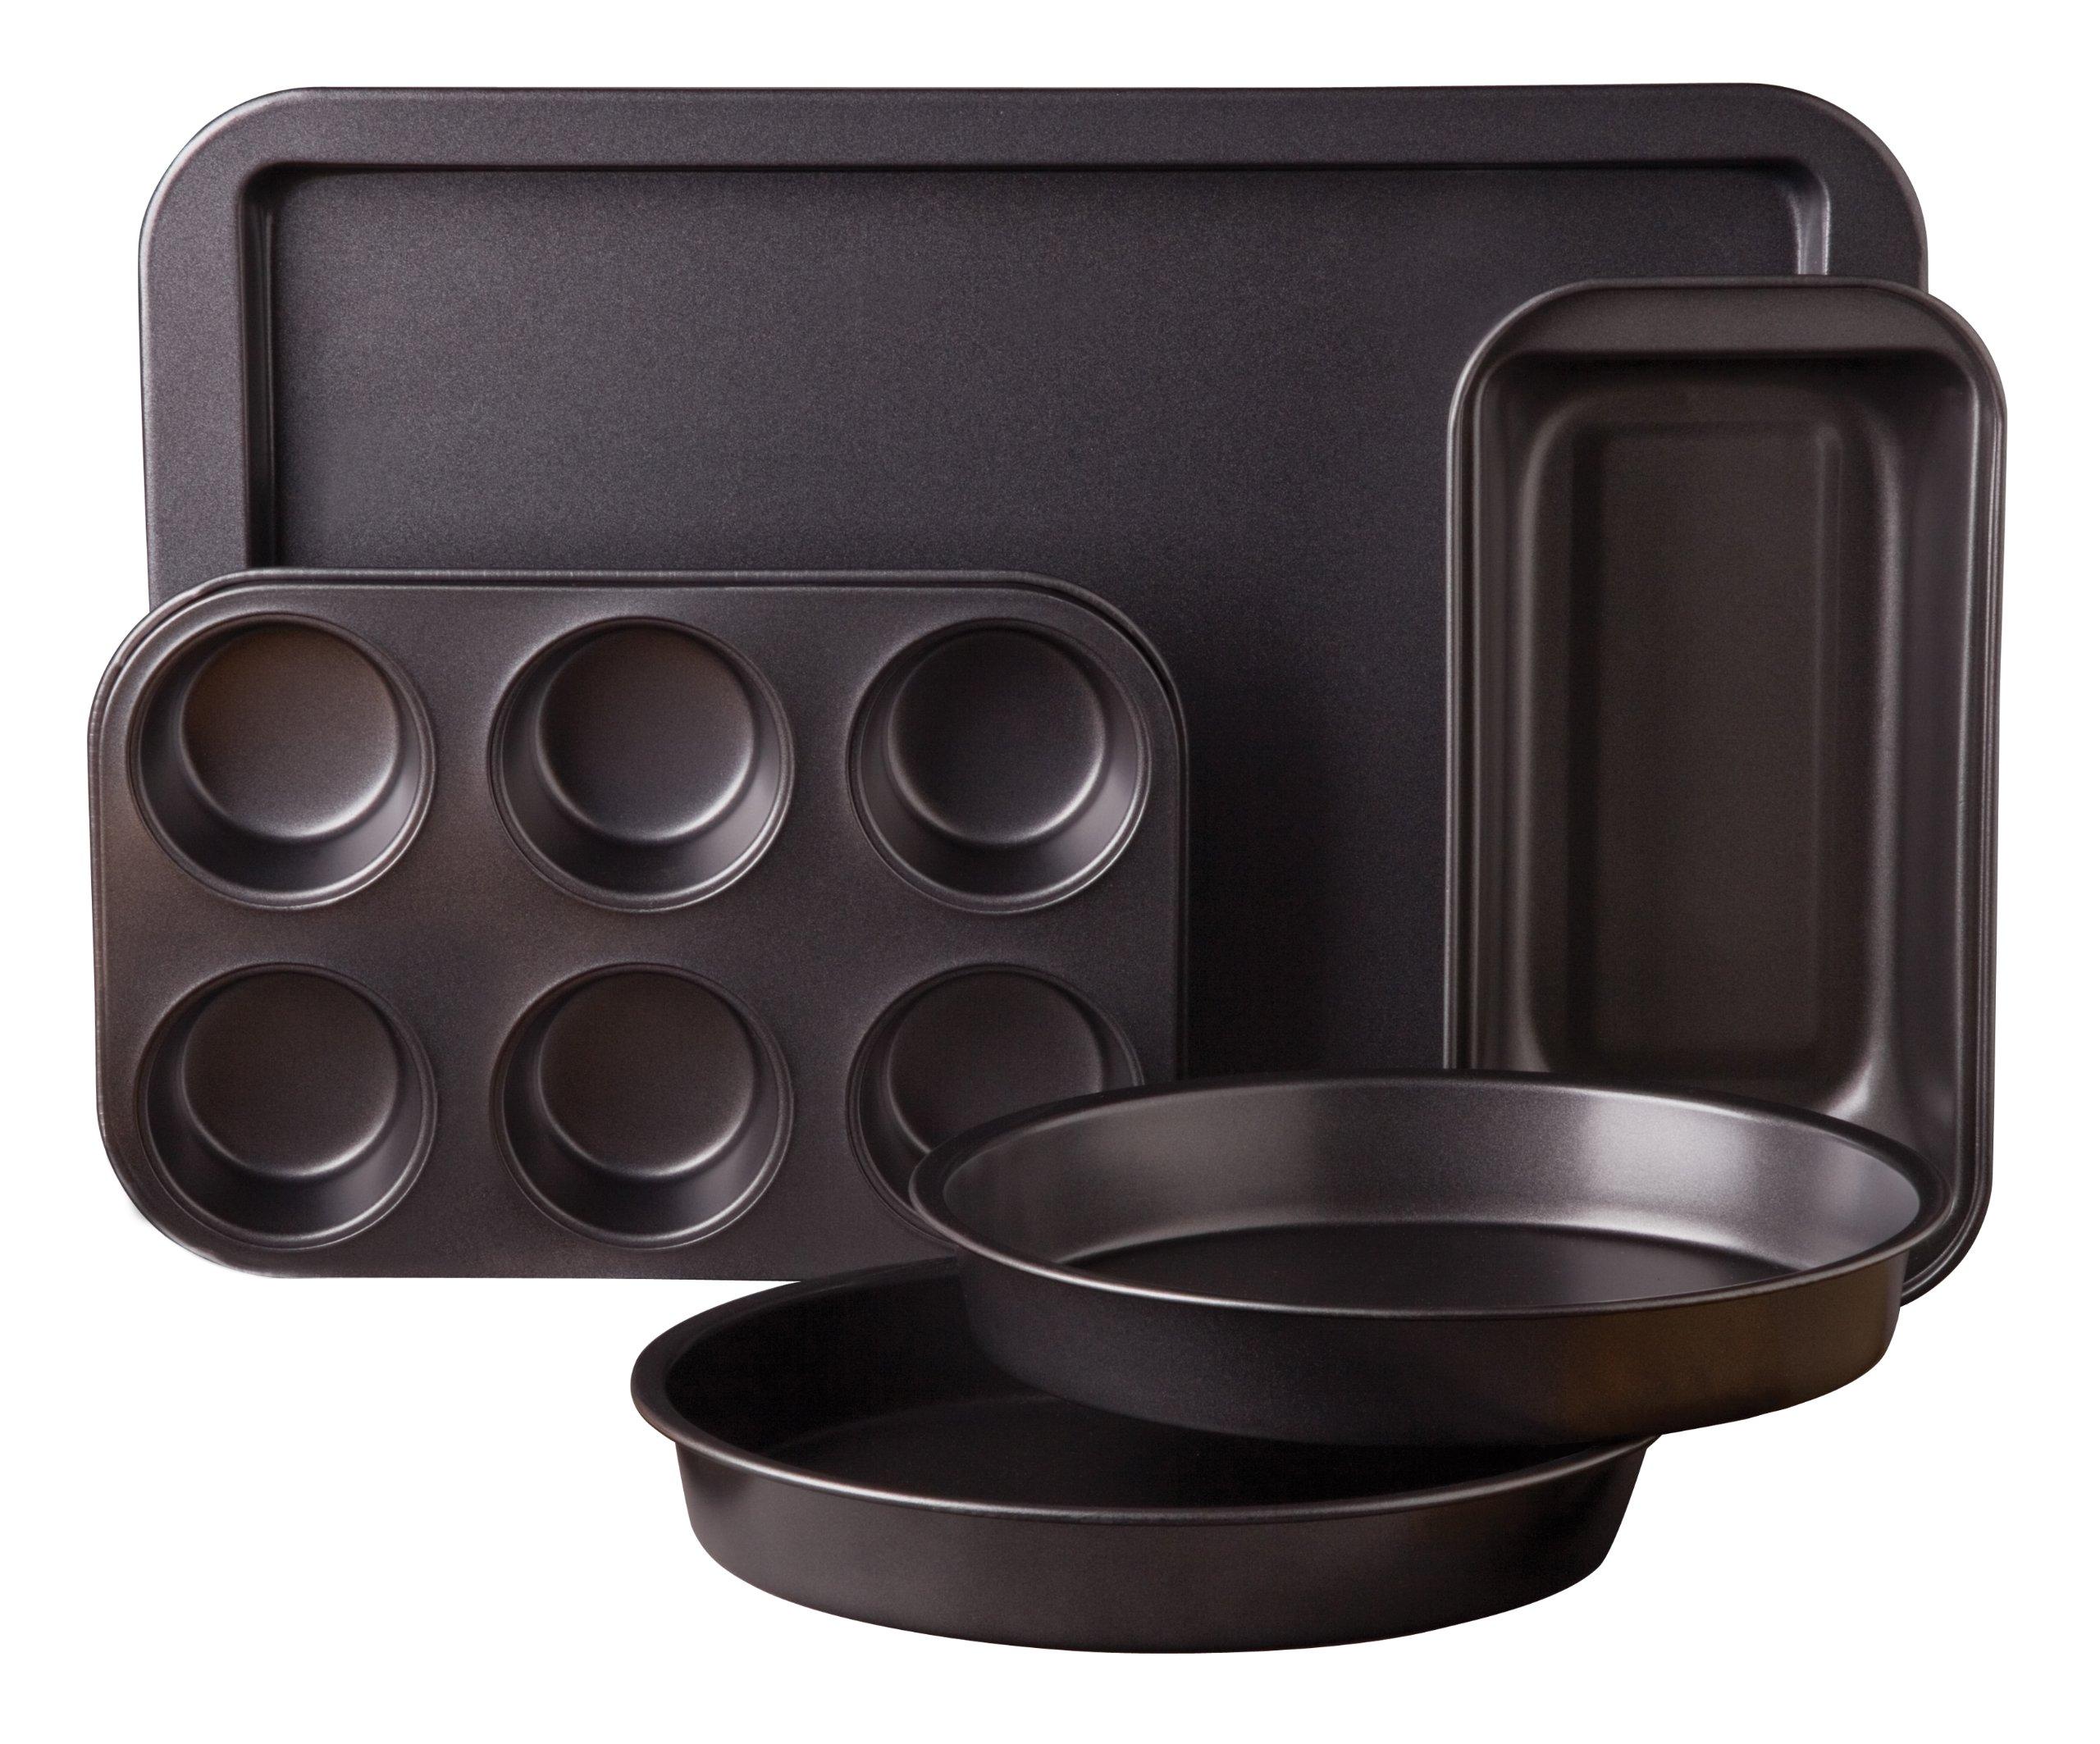 Sunbeam Kitchen Bake 5-Piece Bakeware Set, Carbon Steel by Gibson